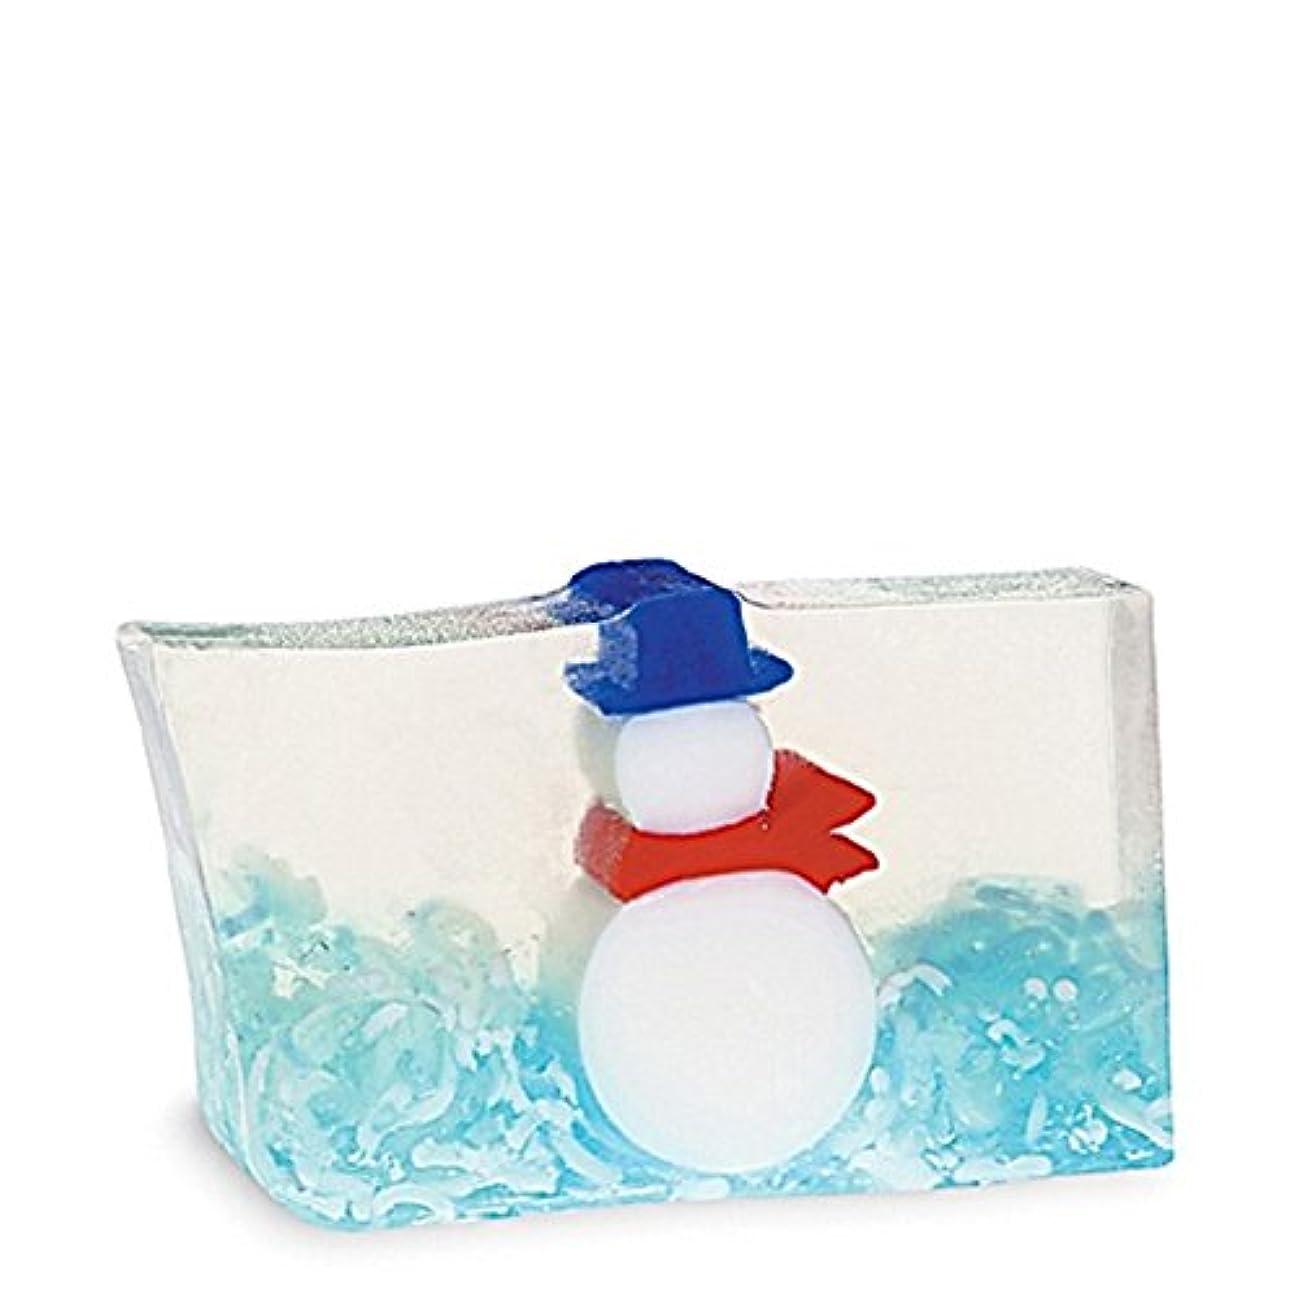 魅惑する保証金に付ける原初の要素雪だるま石鹸170グラム x4 - Primal Elements Snowman Soap 170g (Pack of 4) [並行輸入品]